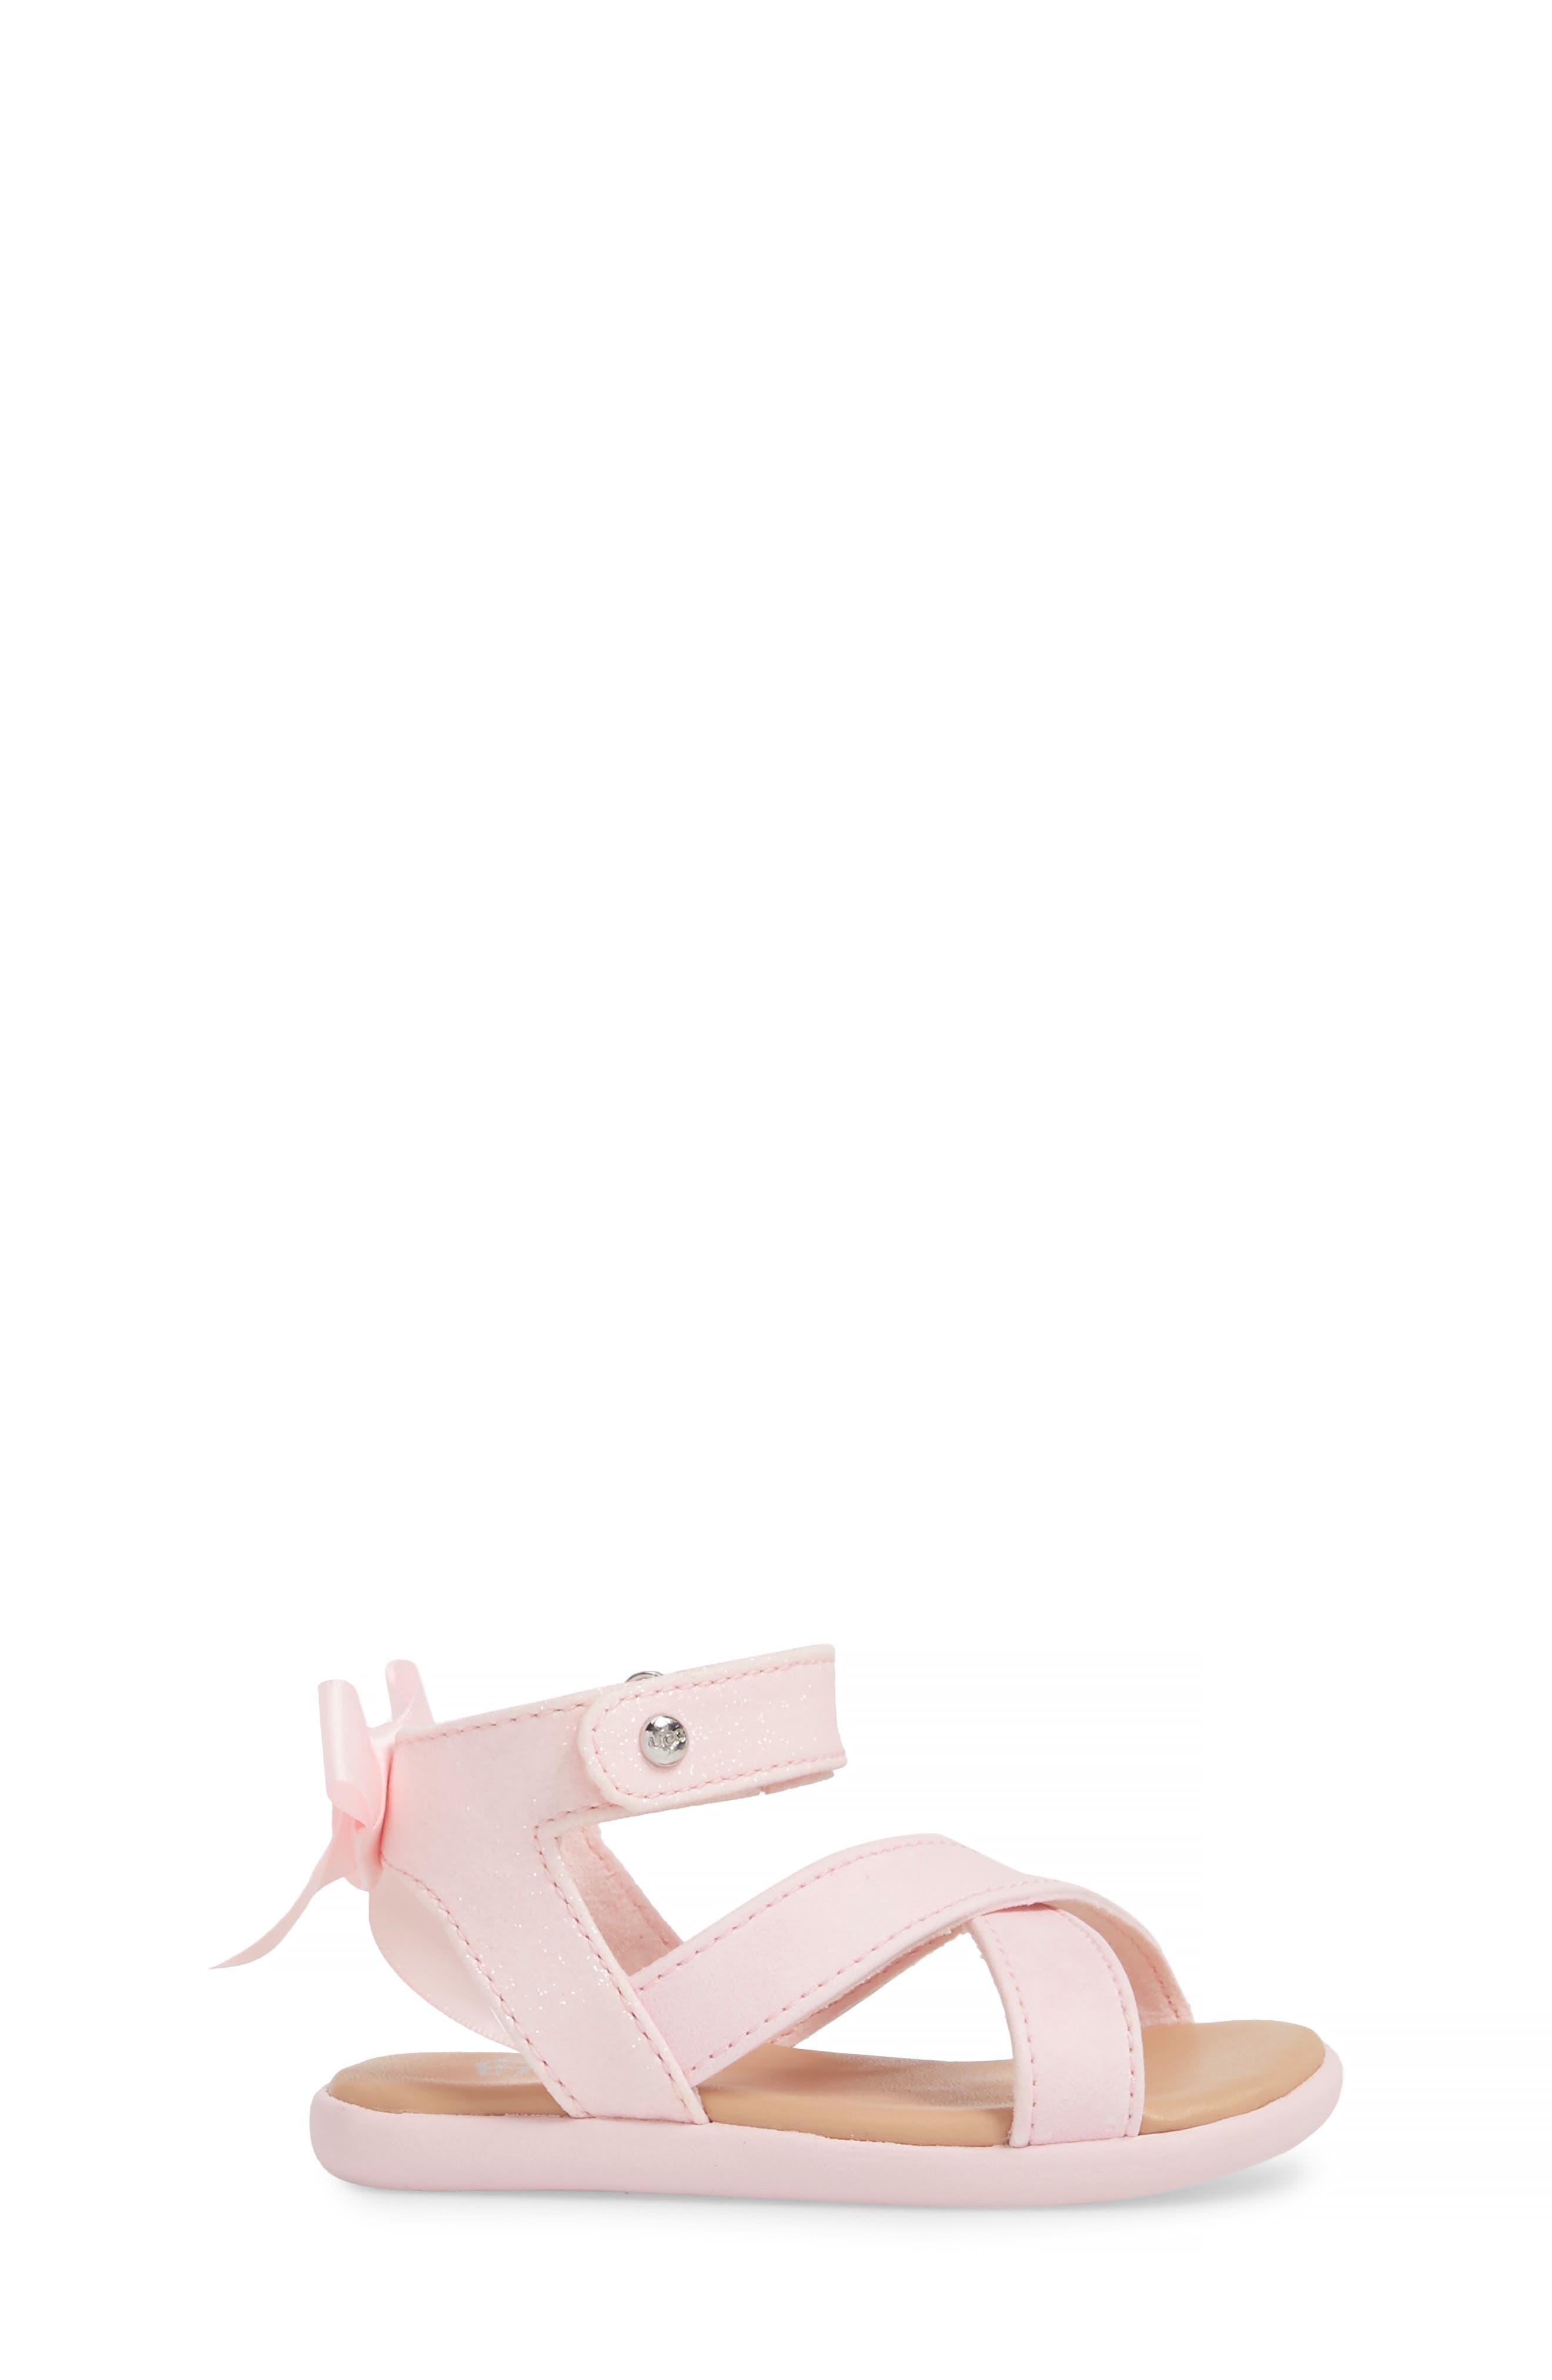 Alternate Image 3  - UGG® Maggiepie Sparkles Sandal (Baby & Walker)